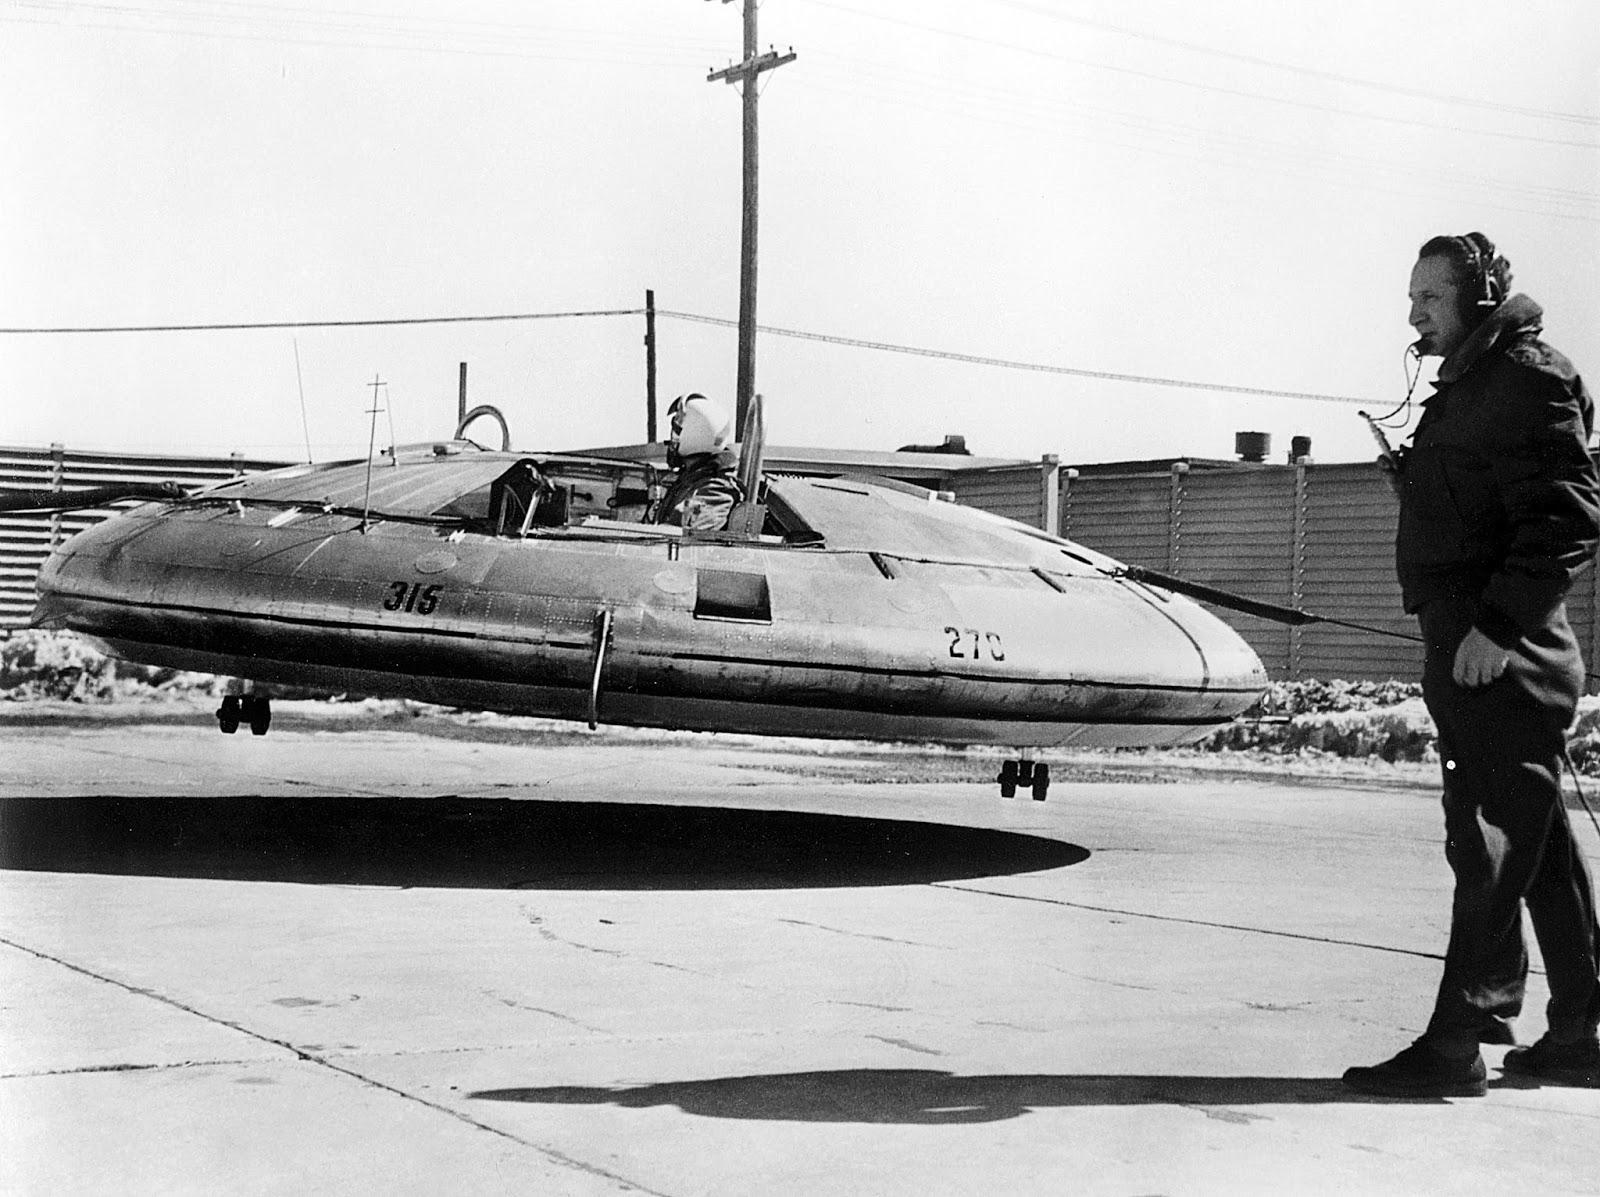 Força Aérea Americana com disco voador